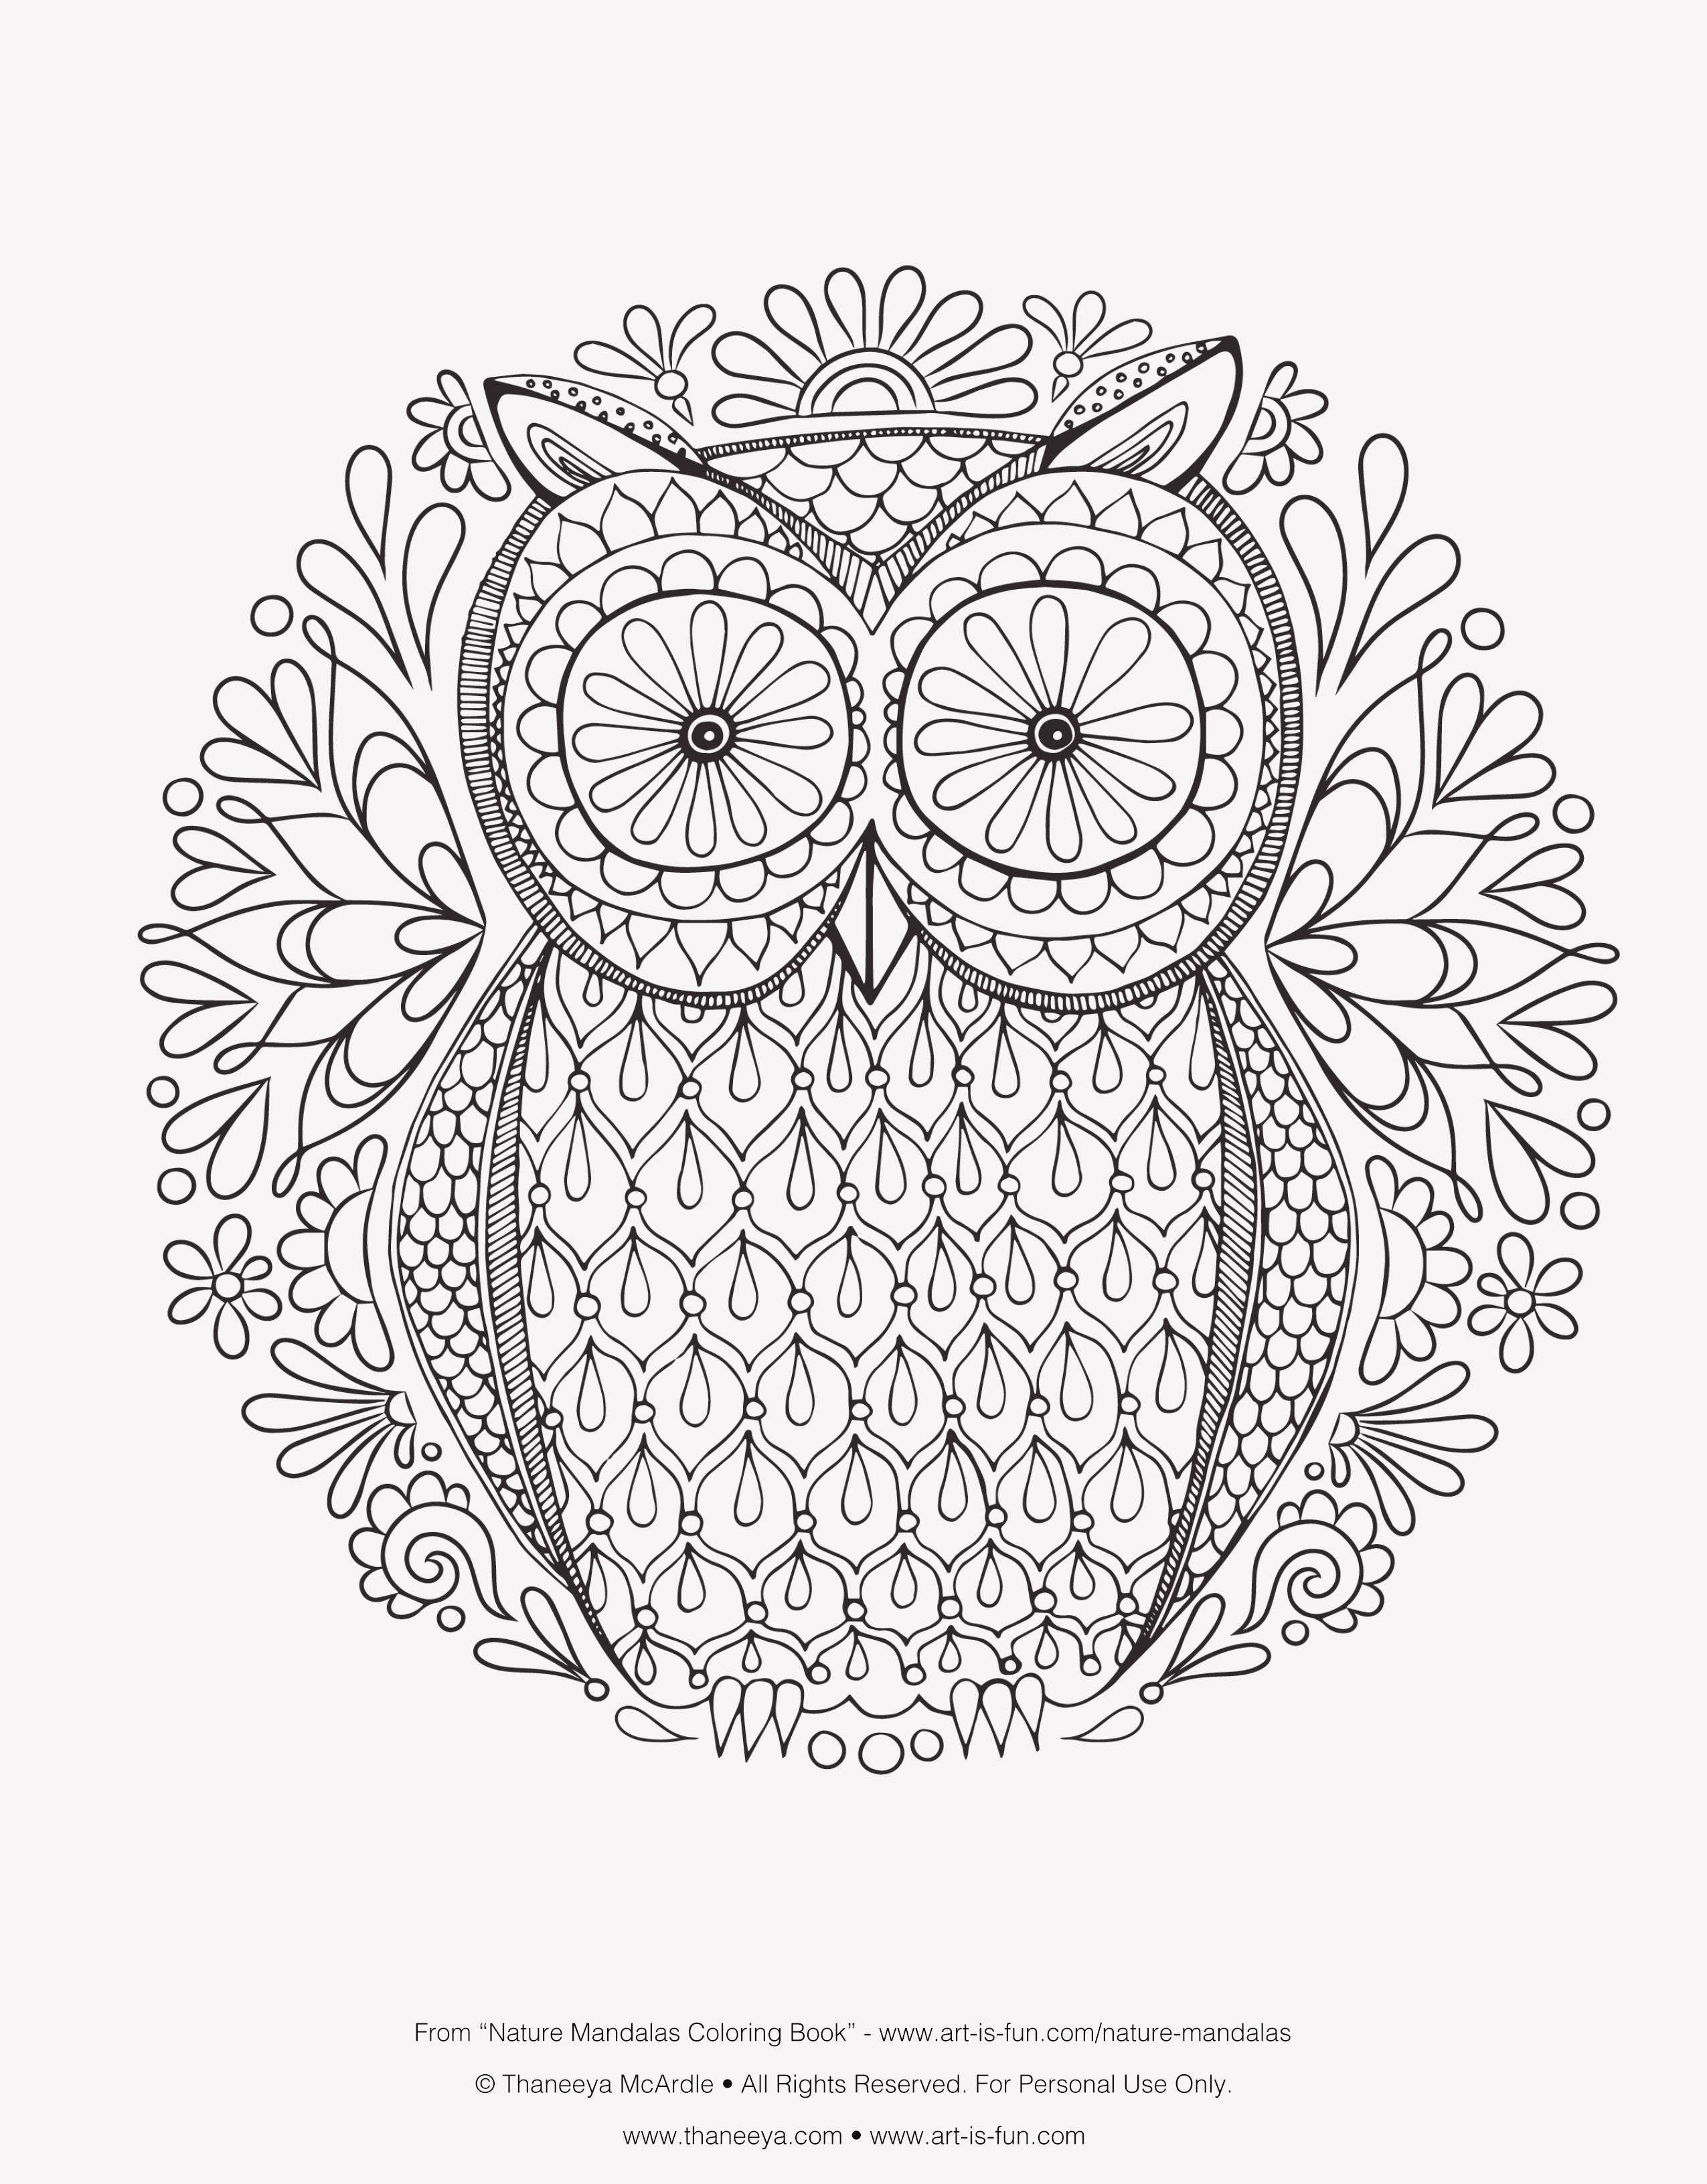 Frisch Ausmalbilder Tiere Kostenlos Zum Ausdrucken Owl Coloring Pages Mandala Coloring Books Mandala Coloring Pages